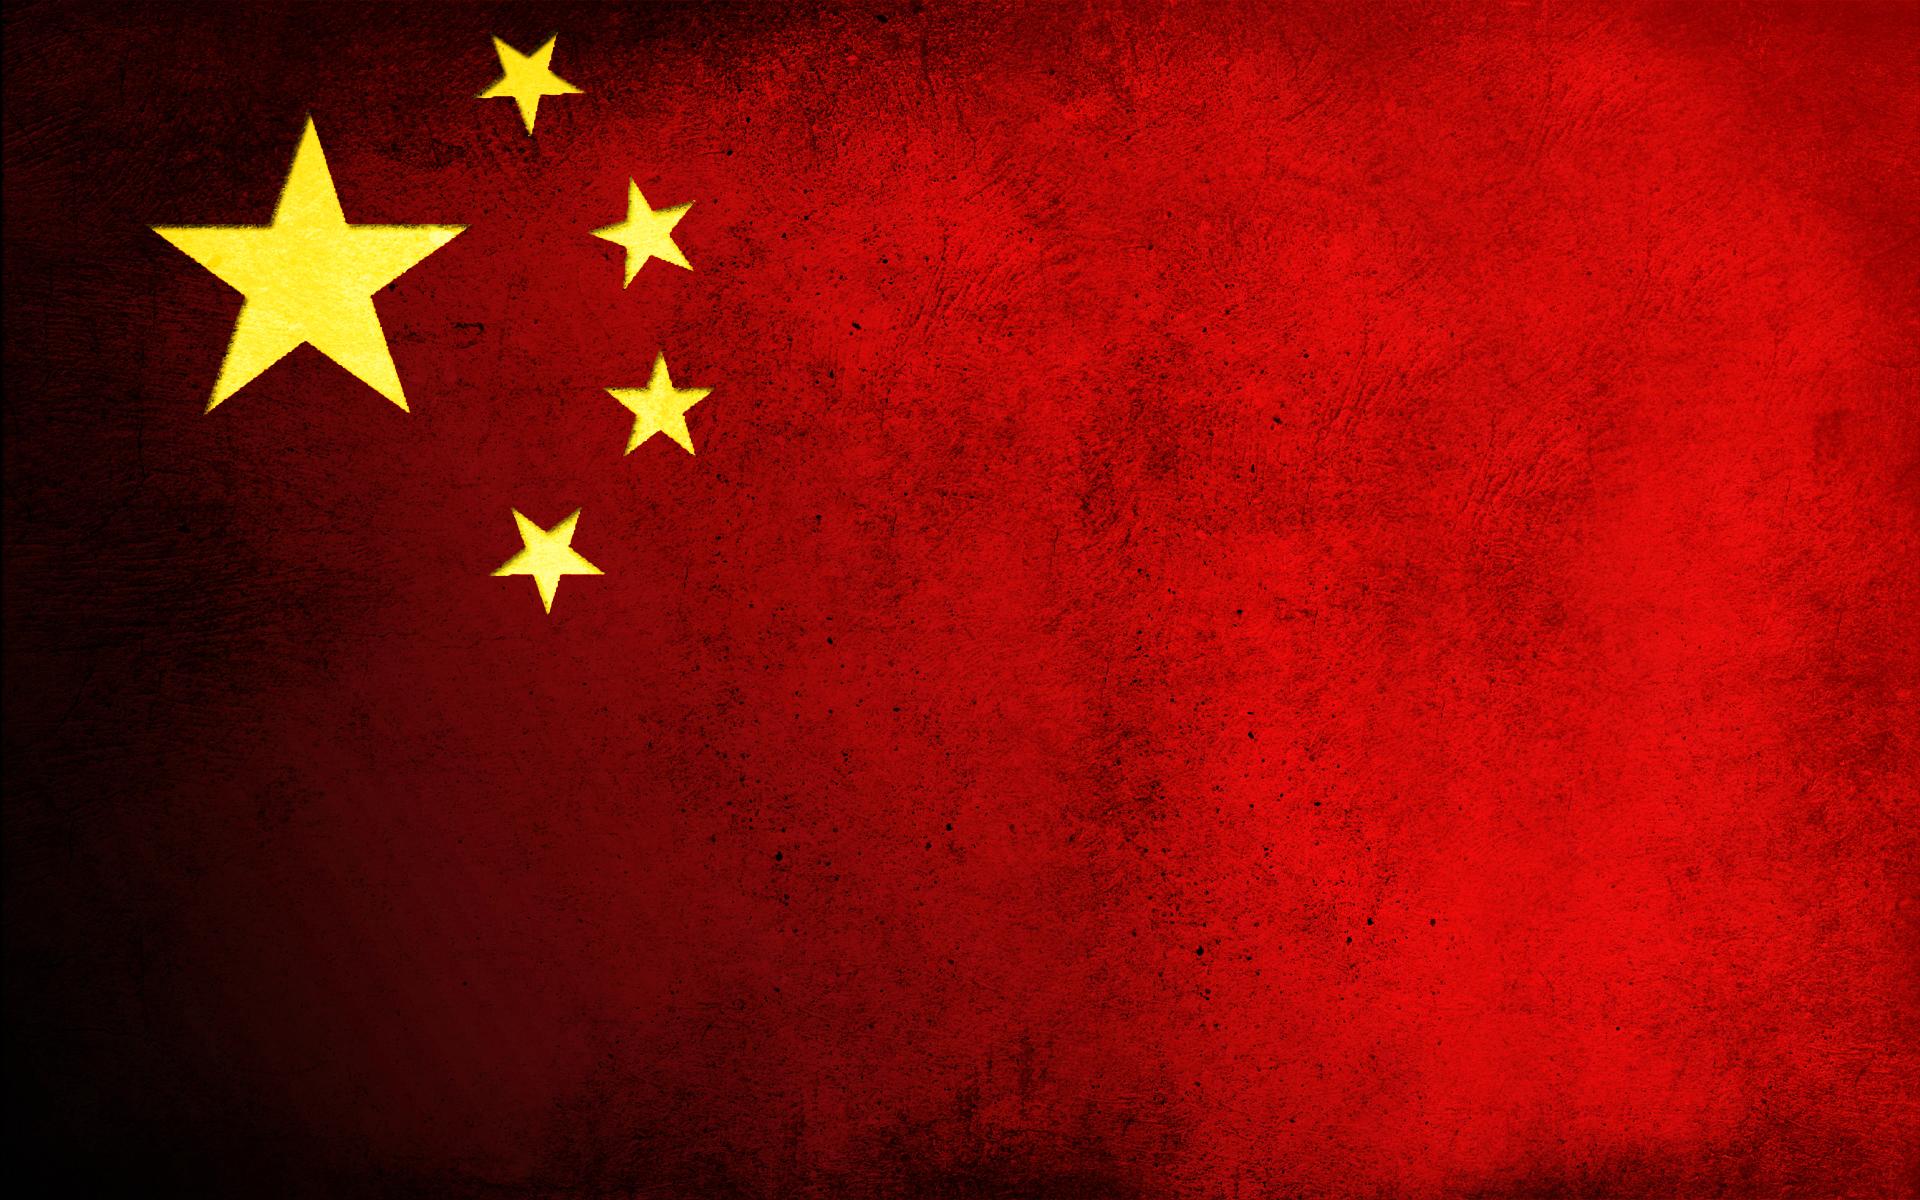 La crisi in Cina è una chance per le aziende italiane?